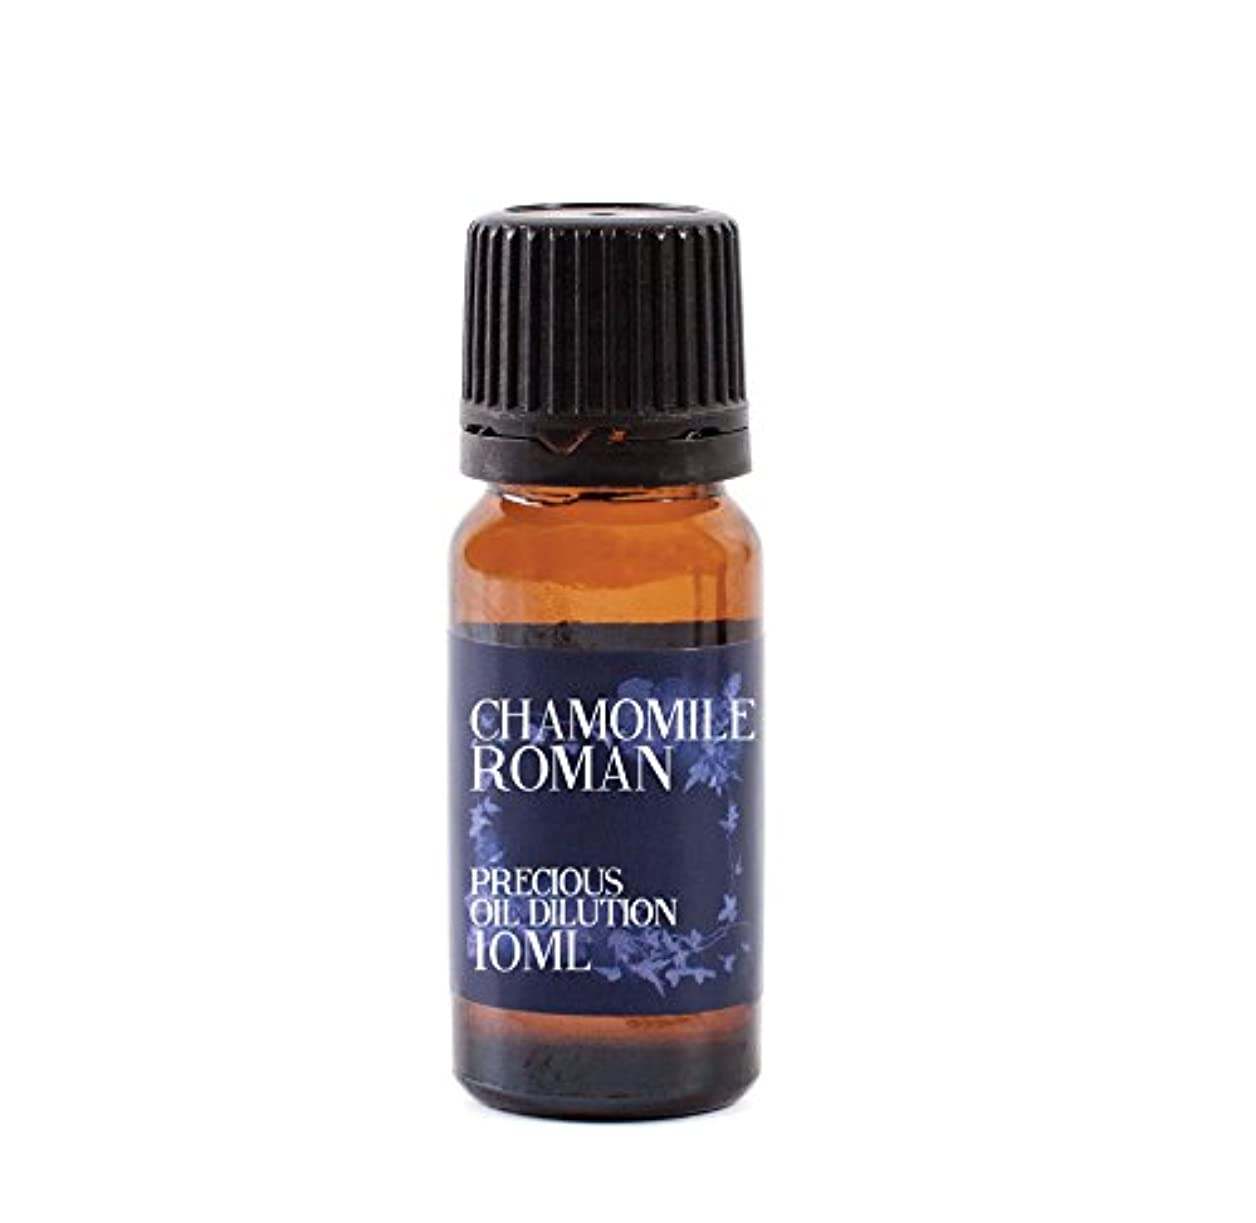 財団著作権ラダMystic Moments   Chamomile Roman Essential Oil Dilution - 10ml - 3% Jojoba Blend